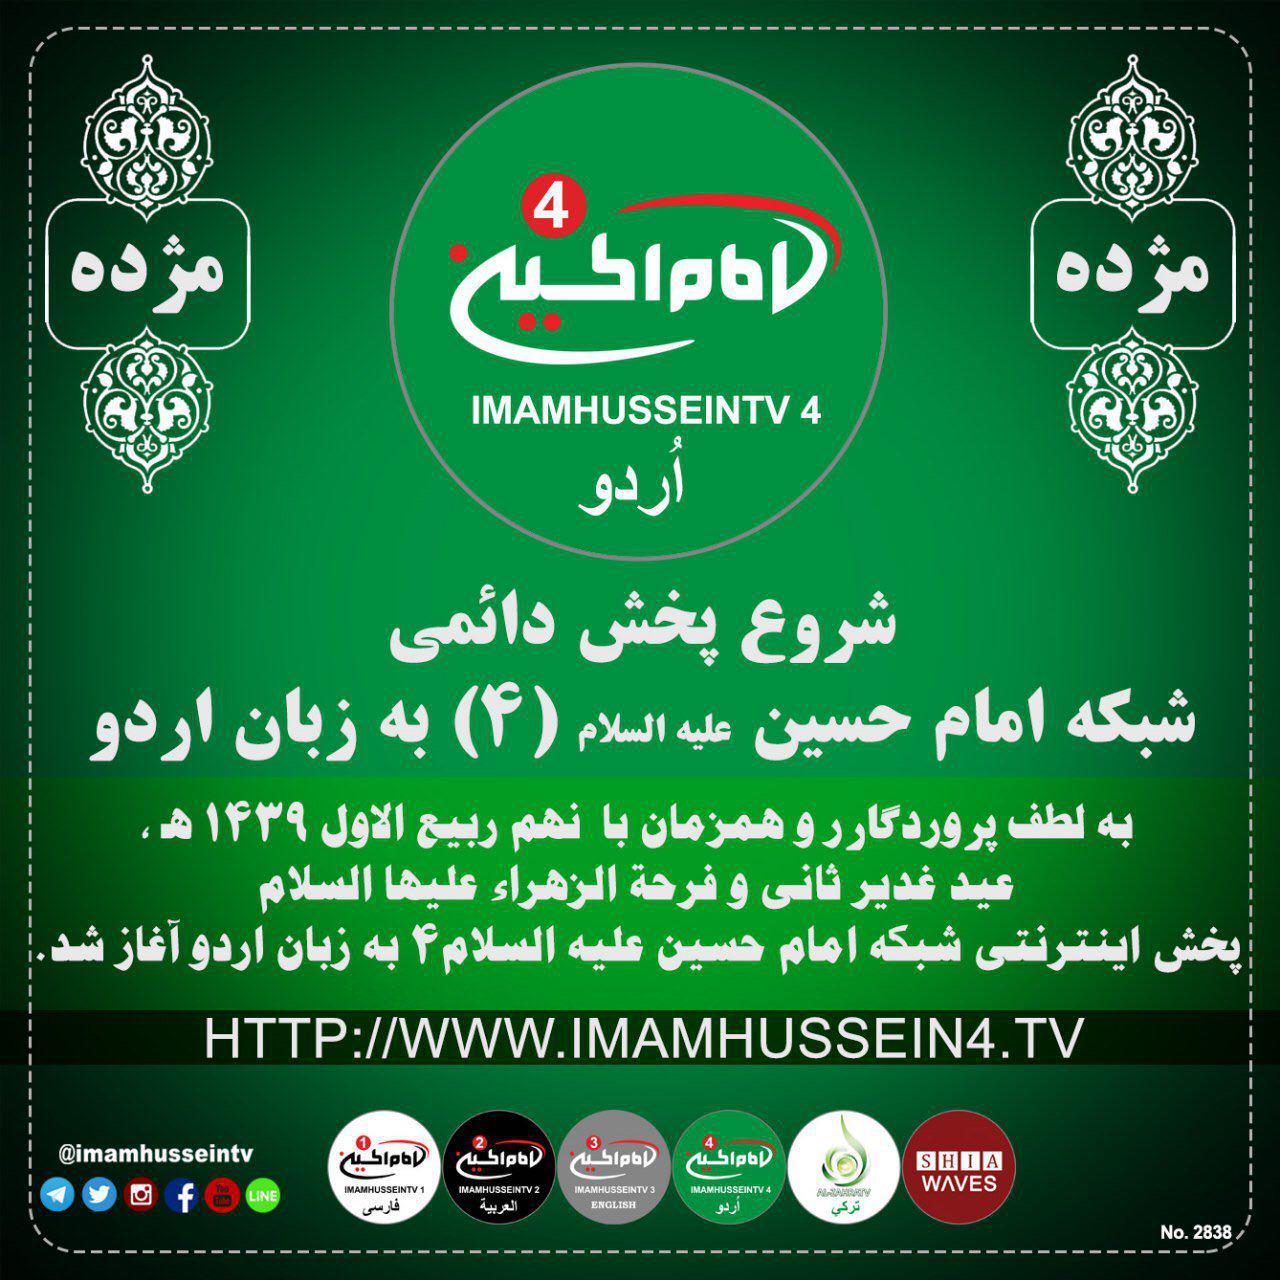 تصویر آغاز پخش ۲۴ ساعته شبکه تلویزیونی امام حسین ۴ به زبان اردو همزمان با عید غدیر ثانی